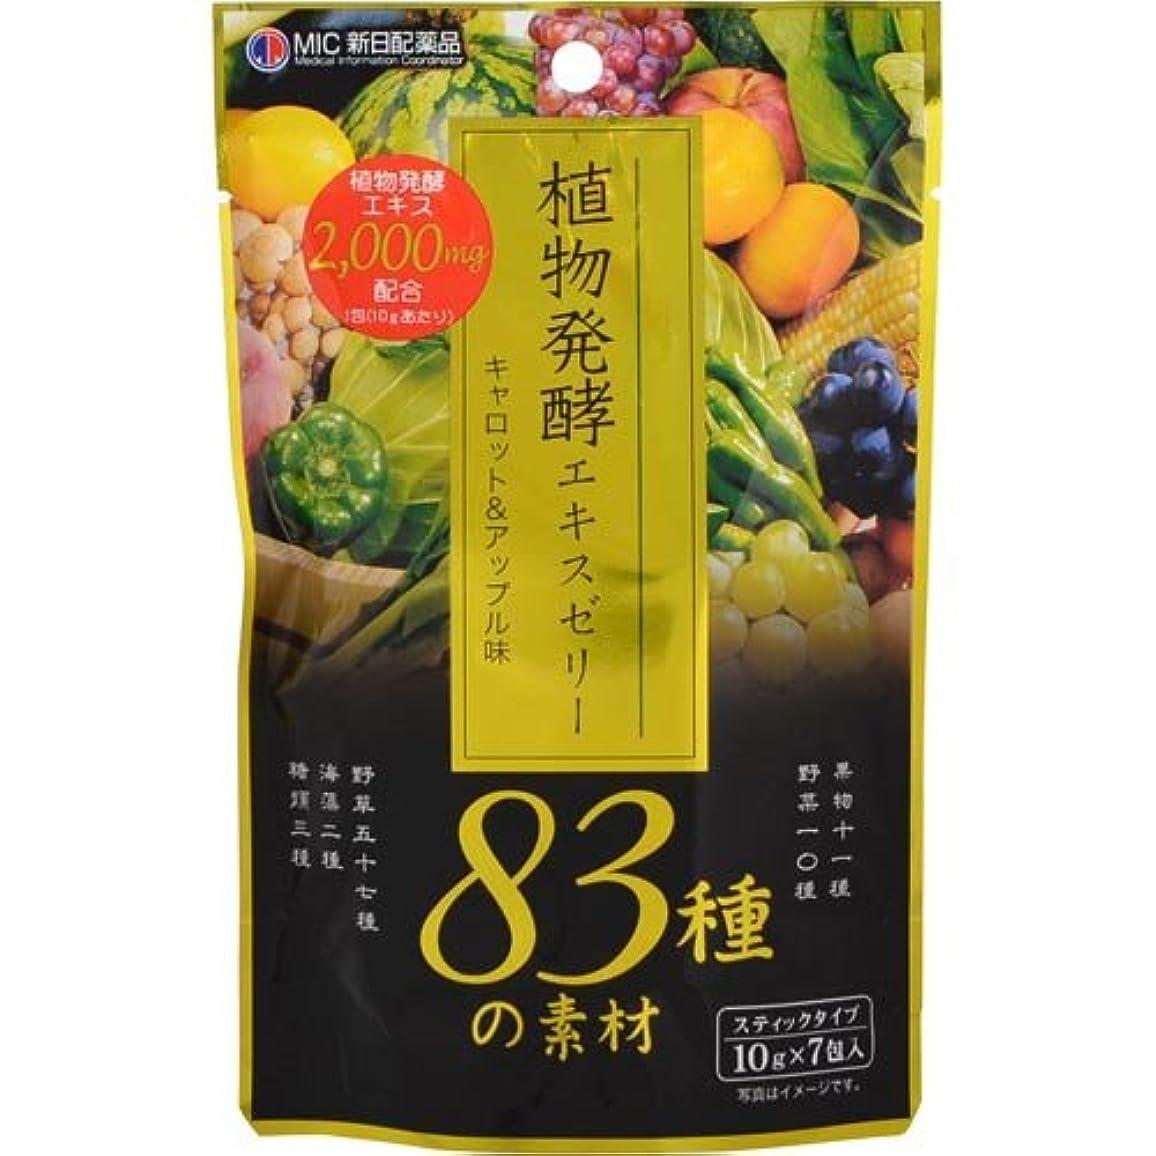 先住民瞳推測する植物醗酵エキスゼリー キャロット&アップル味 10g×7包